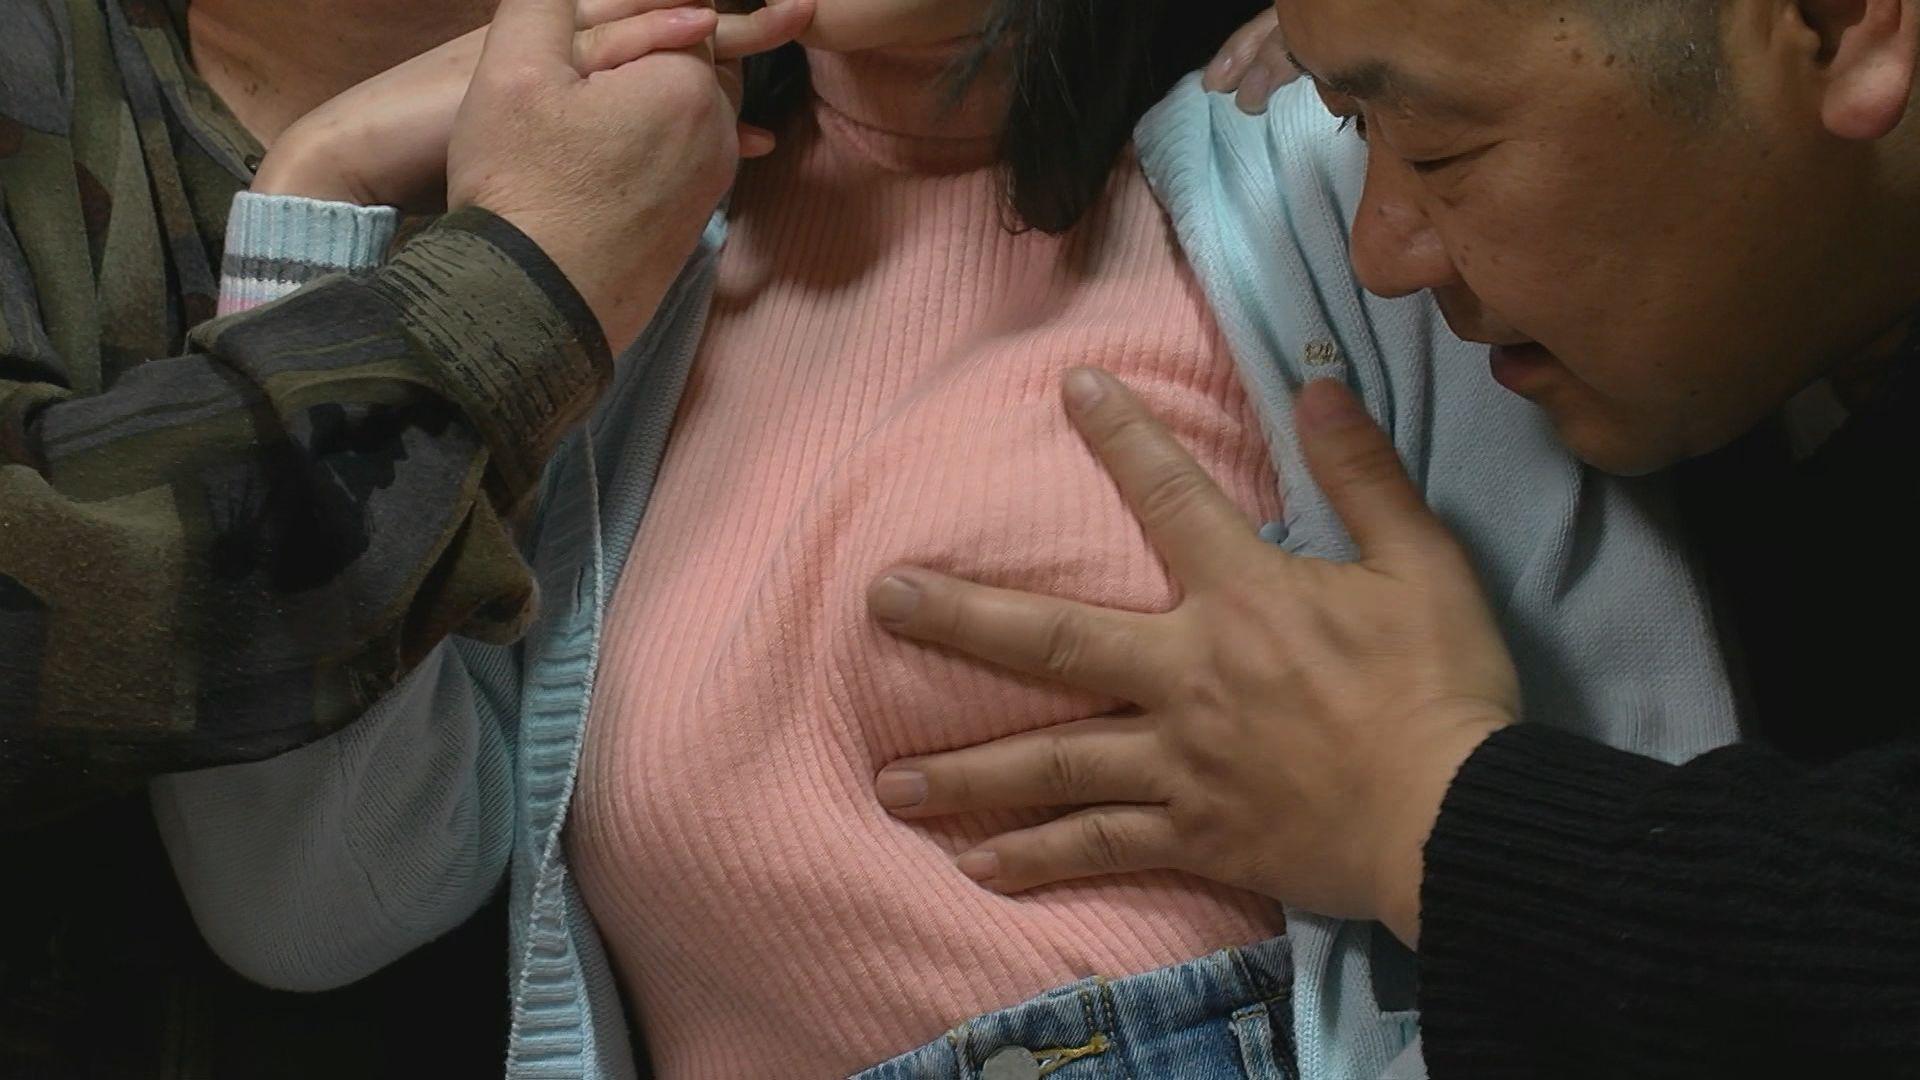 乳房 豊満なるおっぱい